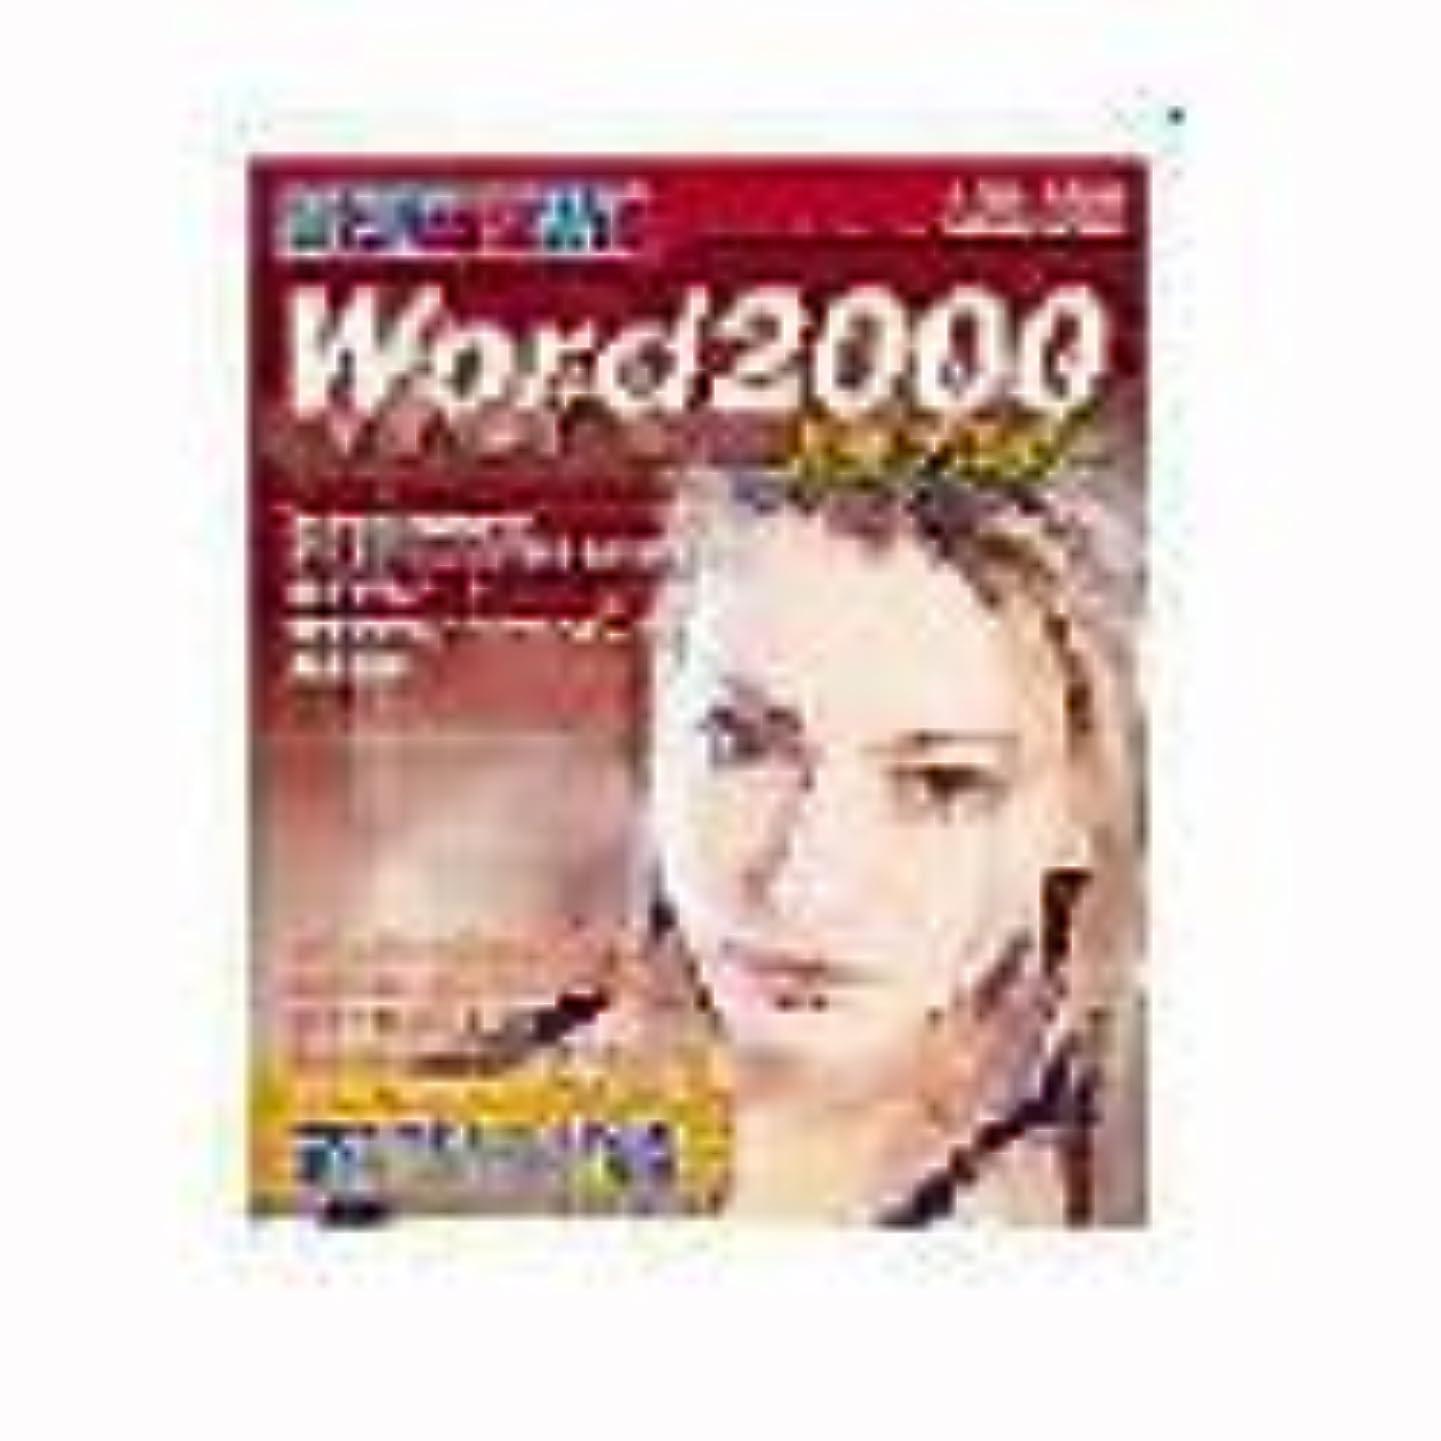 ネズミそれる促進するWord 2000 完全マスター